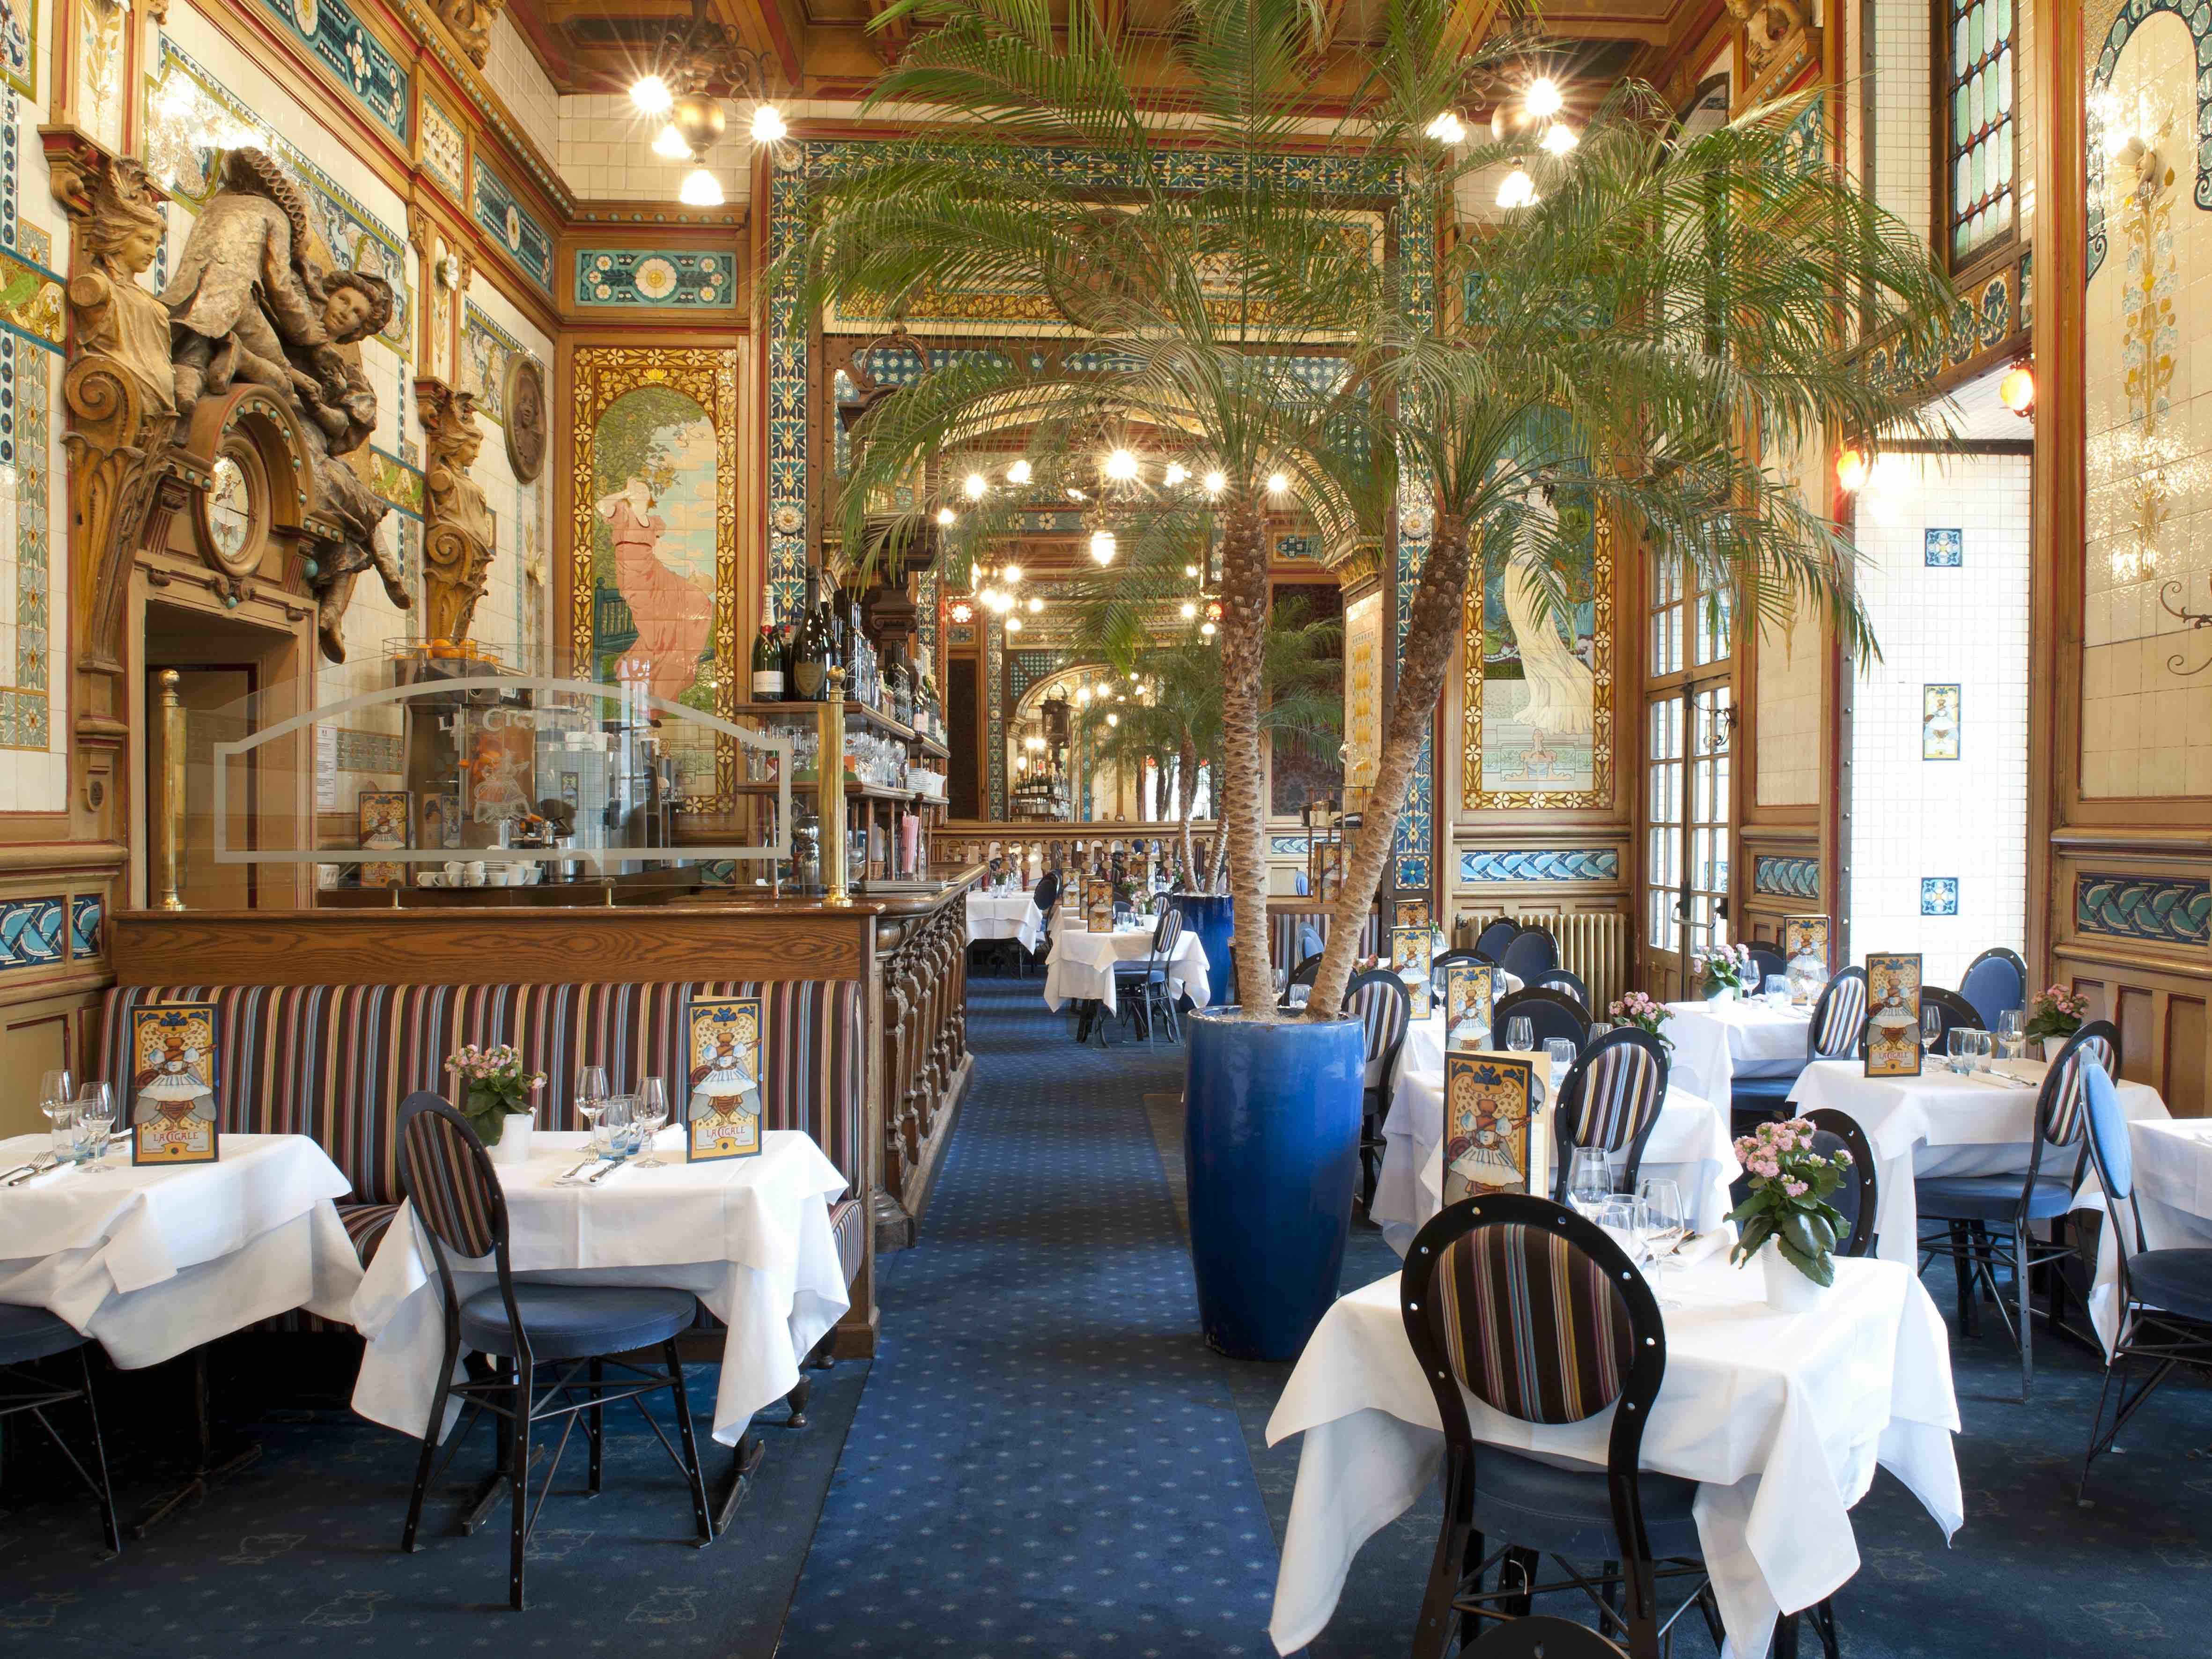 Restaurant La Cigale, Nantes © Le gout et les couleurs/LVAN